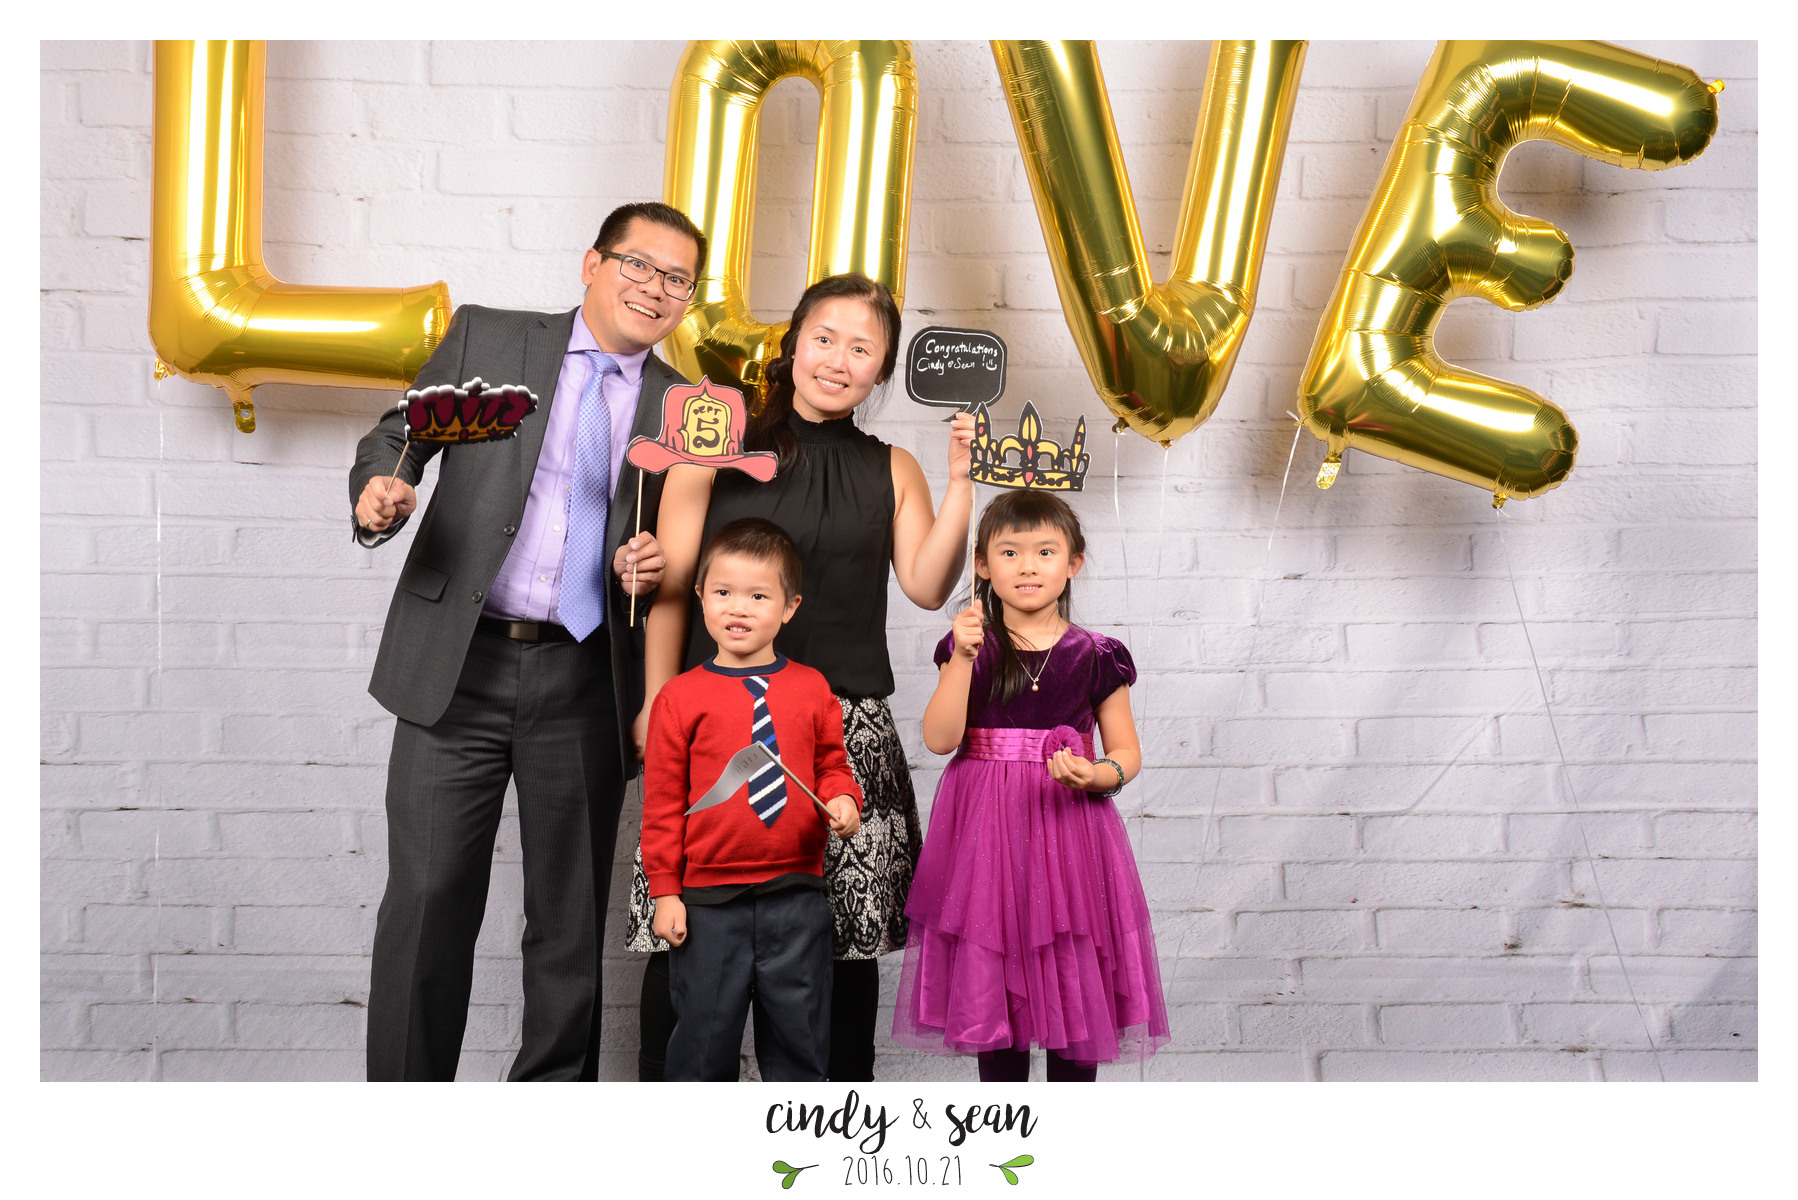 Cindy Sean Bae - 0001-13.jpg